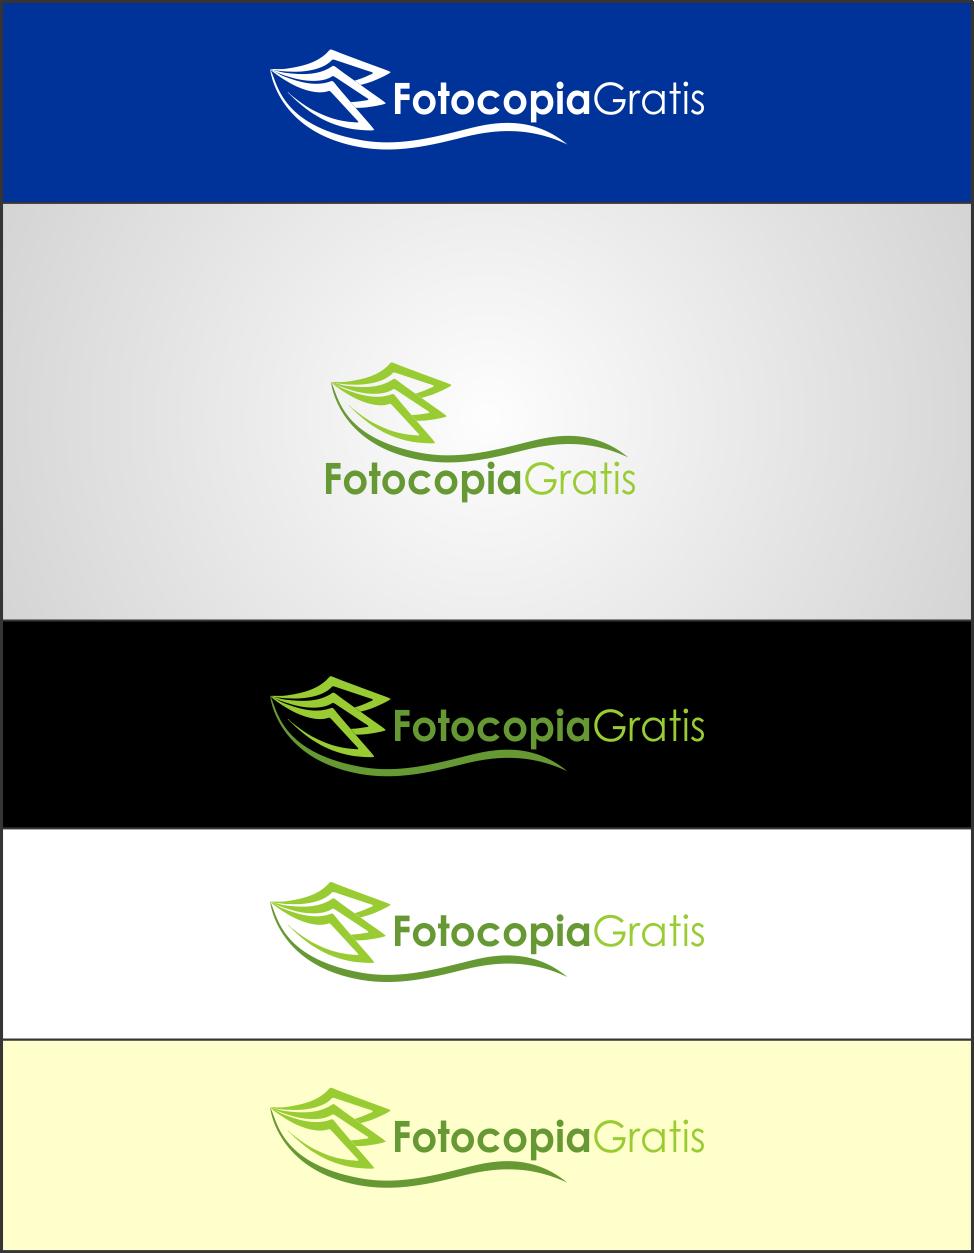 Logo Design by Agus Martoyo - Entry No. 181 in the Logo Design Contest Inspiring Logo Design for Fotocopiagratis.